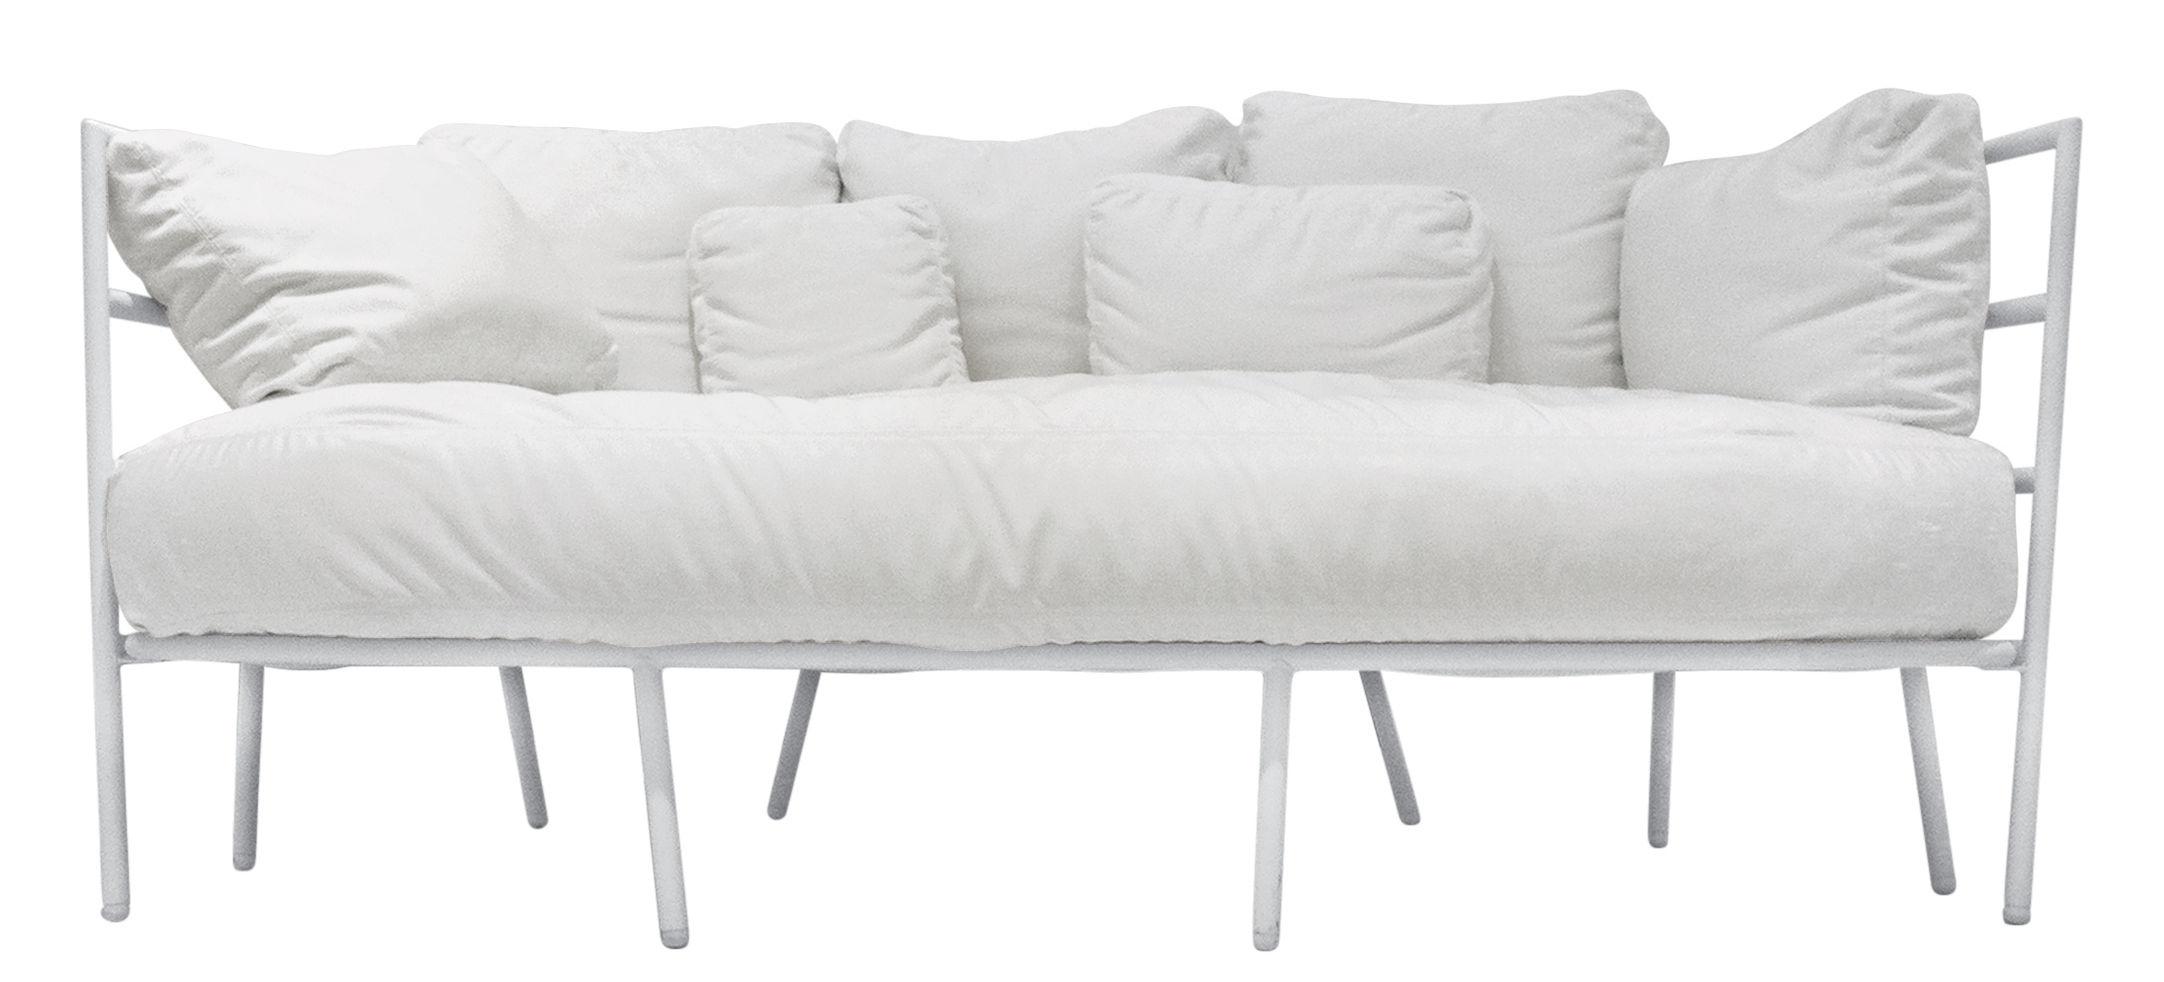 Mobilier - Canapés - Canapé droit Dehors /  2 places - L 173 cm - Alias - Structure blanche / Coussins blancs - Acier laqué, Tissu acrylique